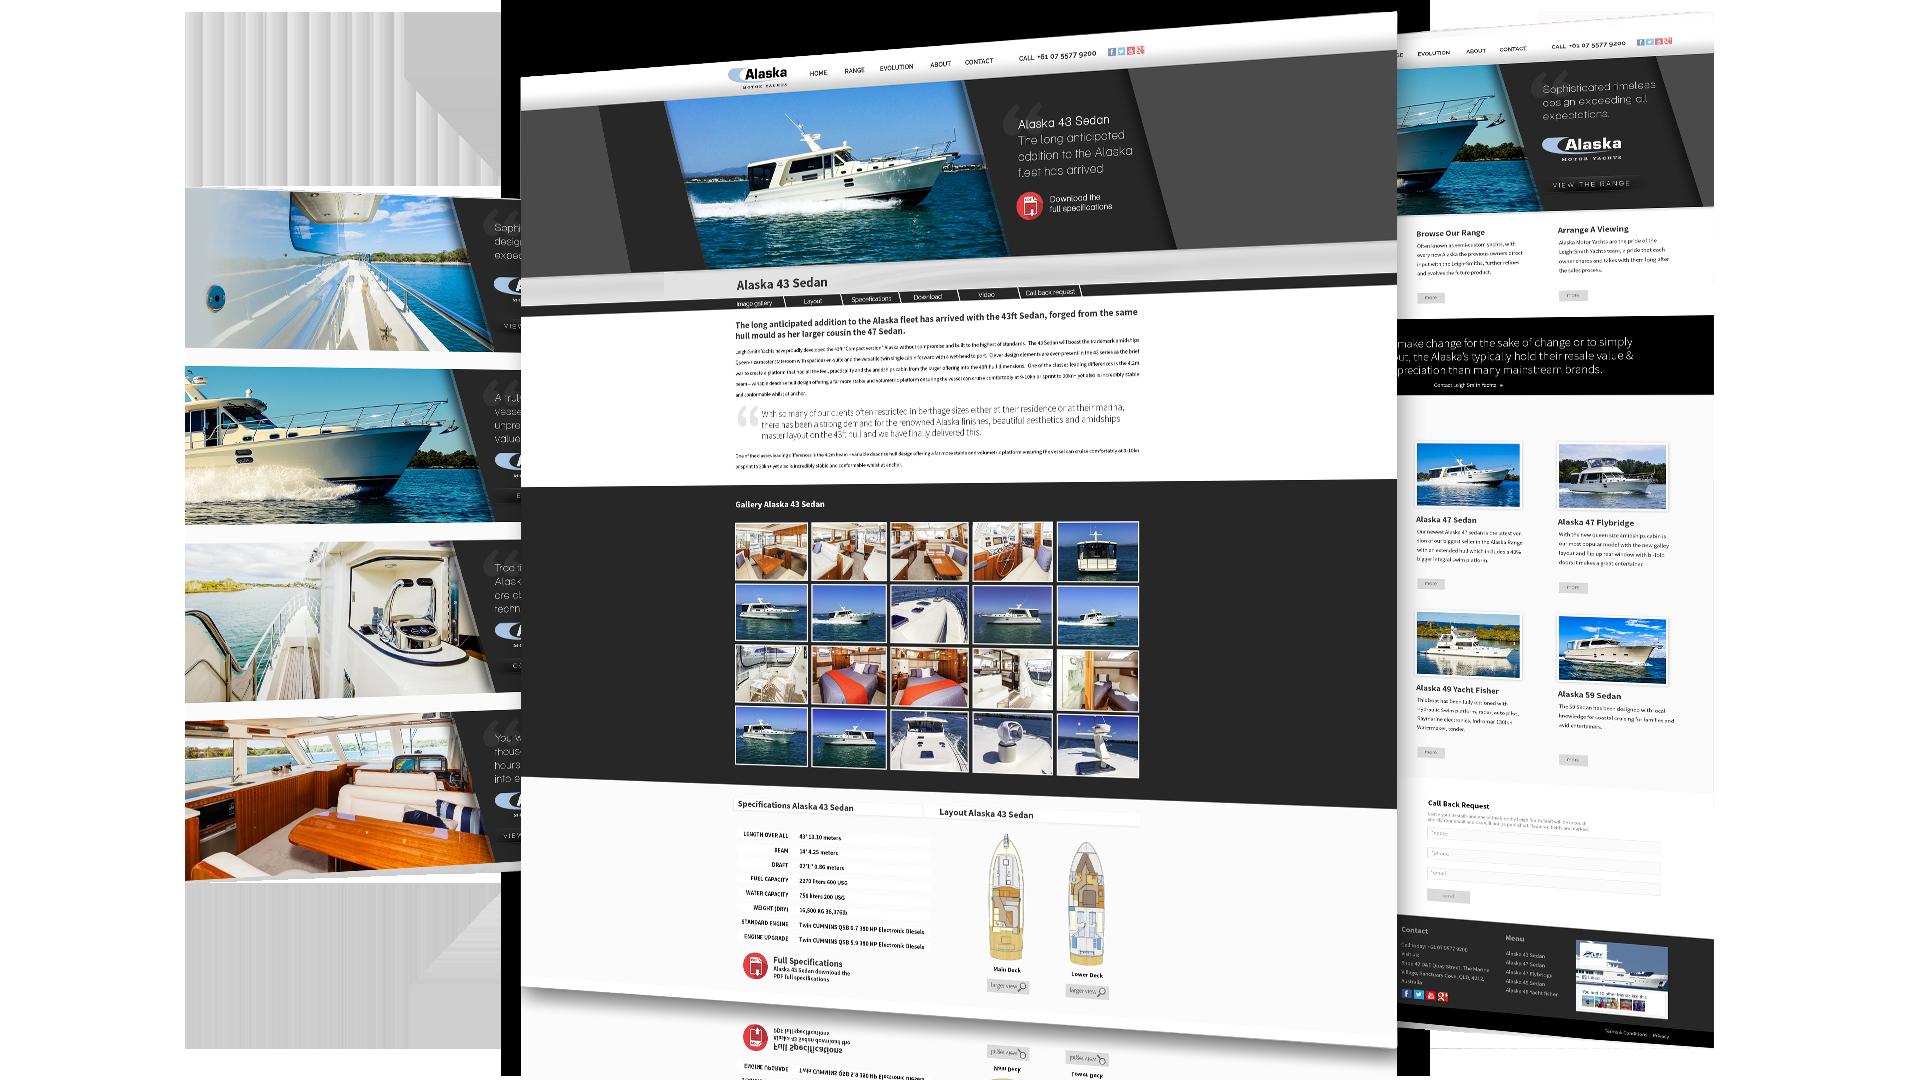 Alaska-Motor-Yachts-Website